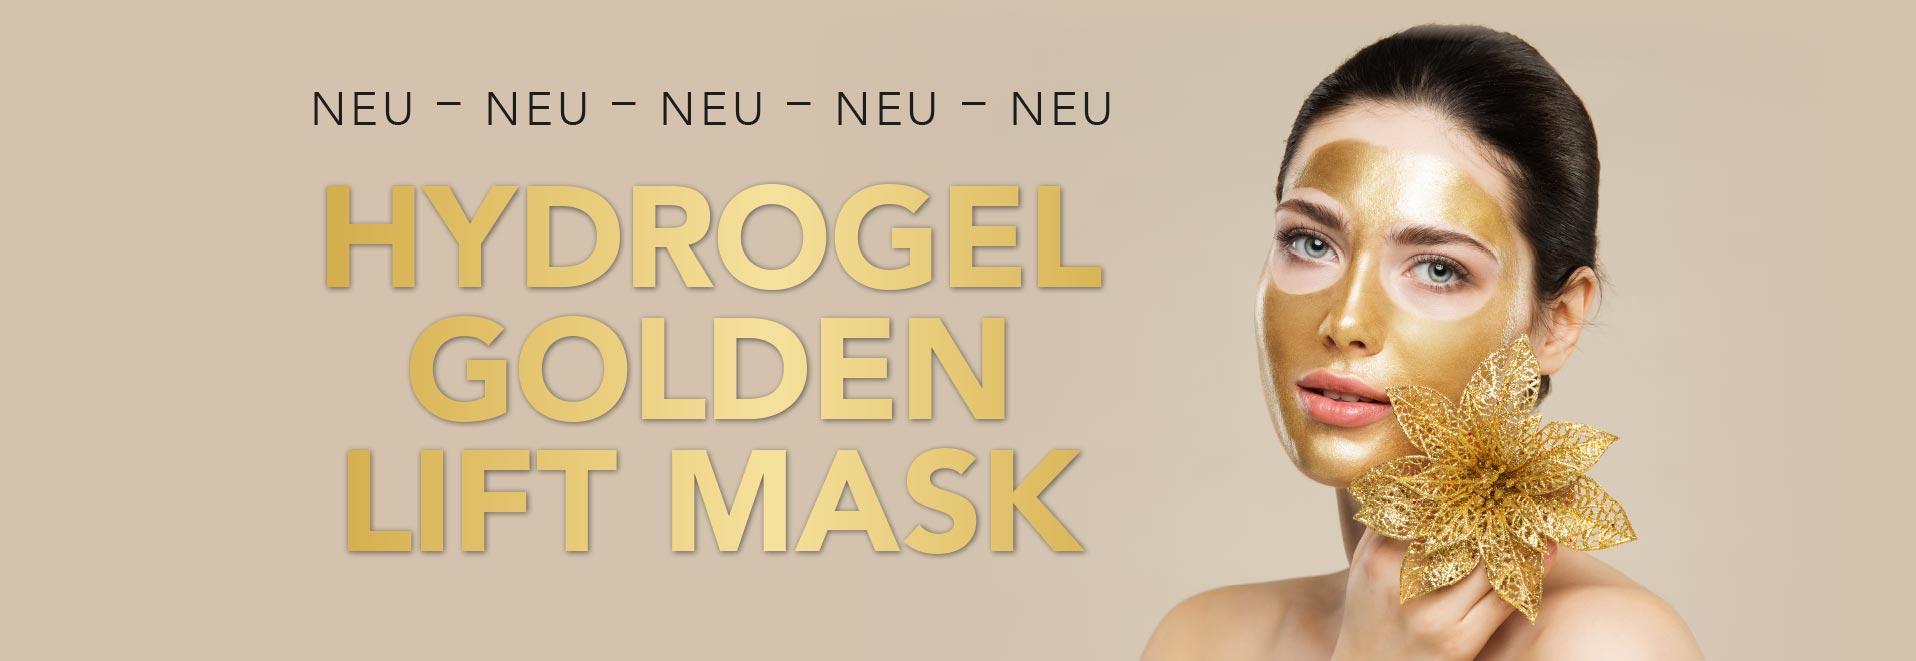 slider-hydrogel-golden-lift-mask